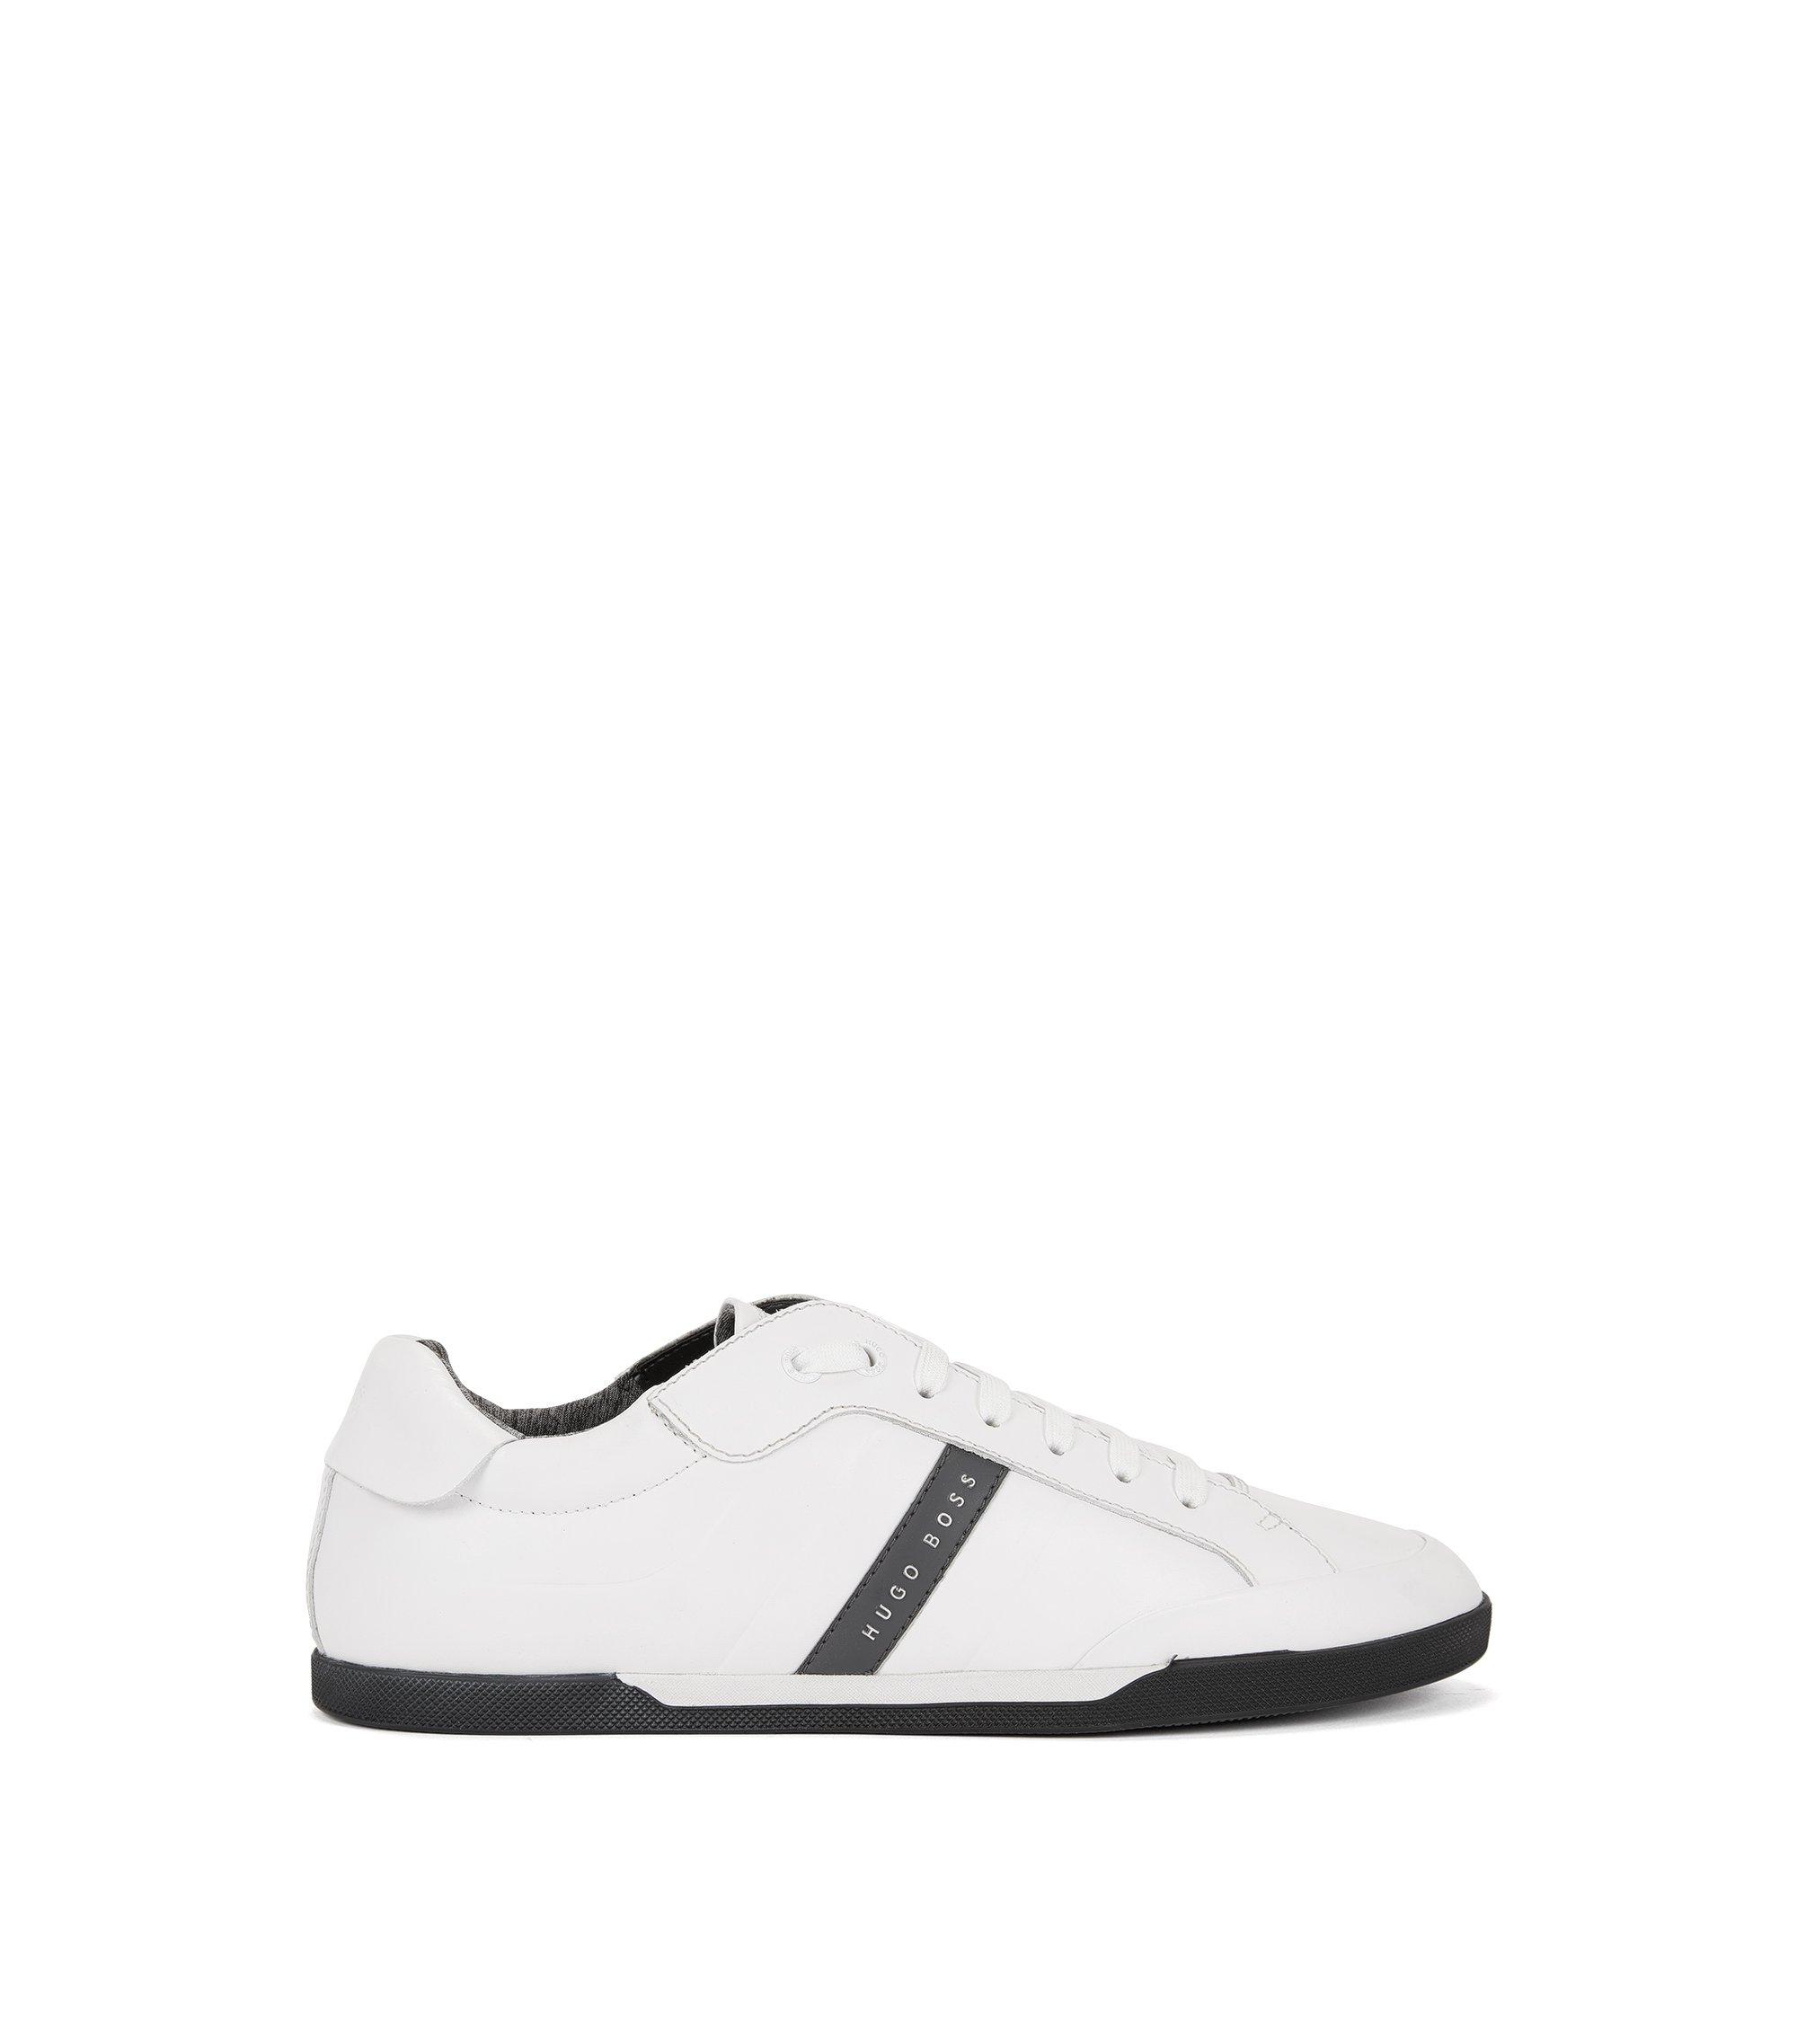 Leather Sneaker | Shuttle Tenn It, White